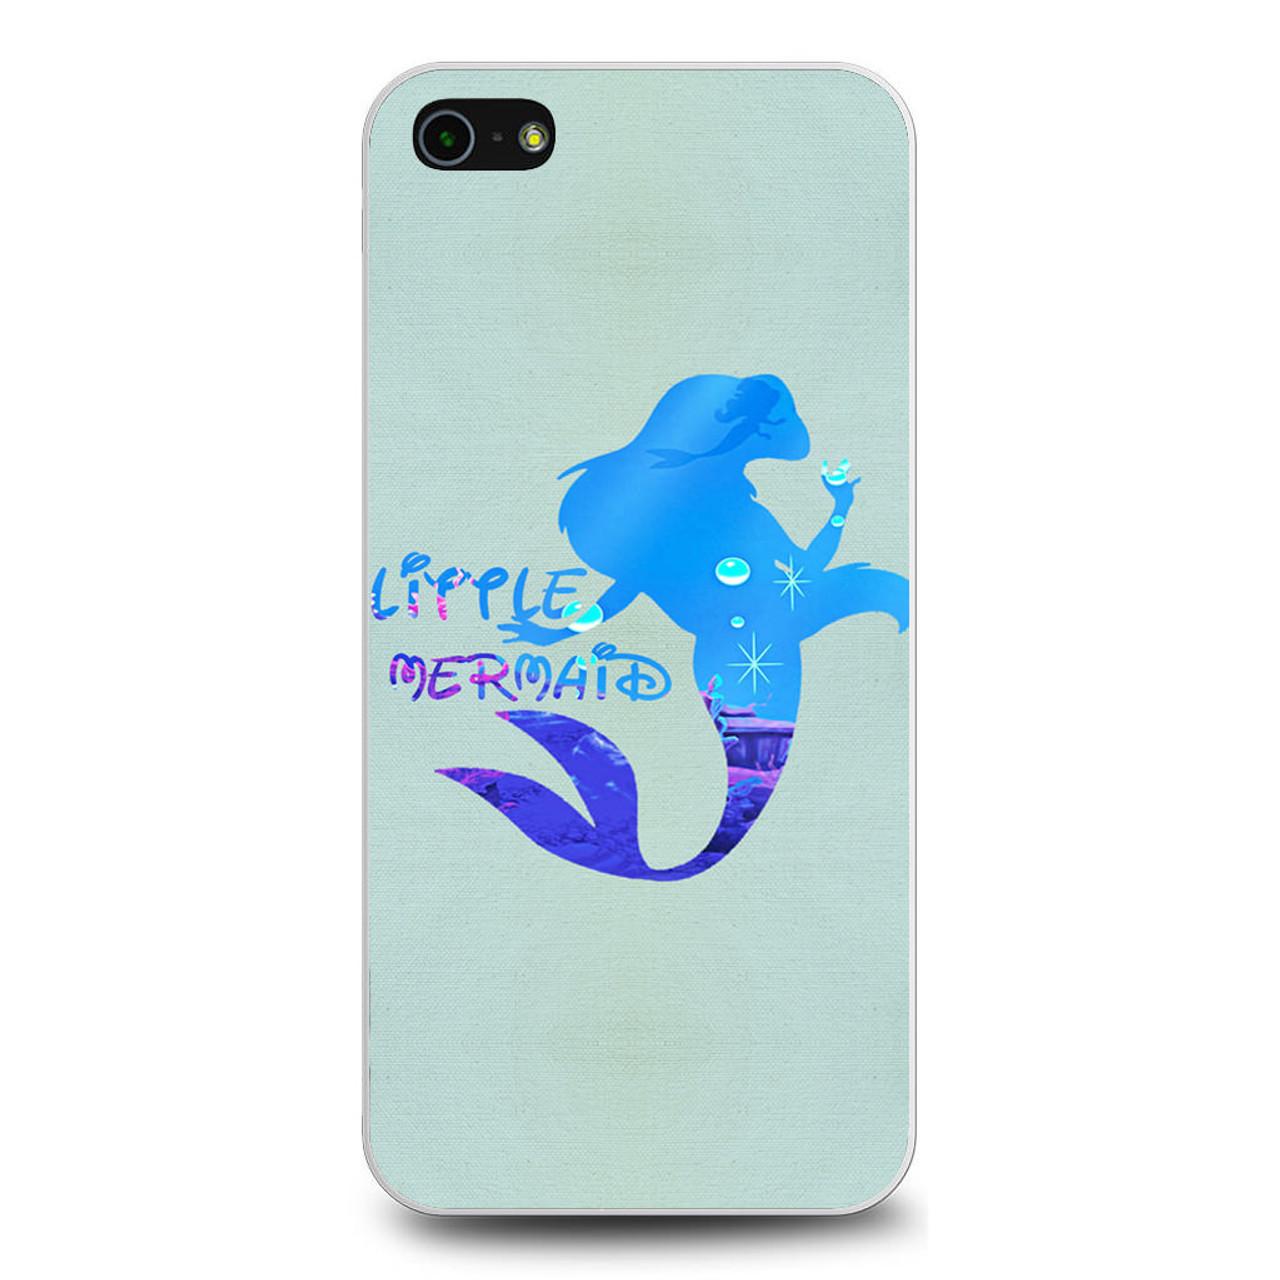 Princess Ariel Mermaid quote iphone case